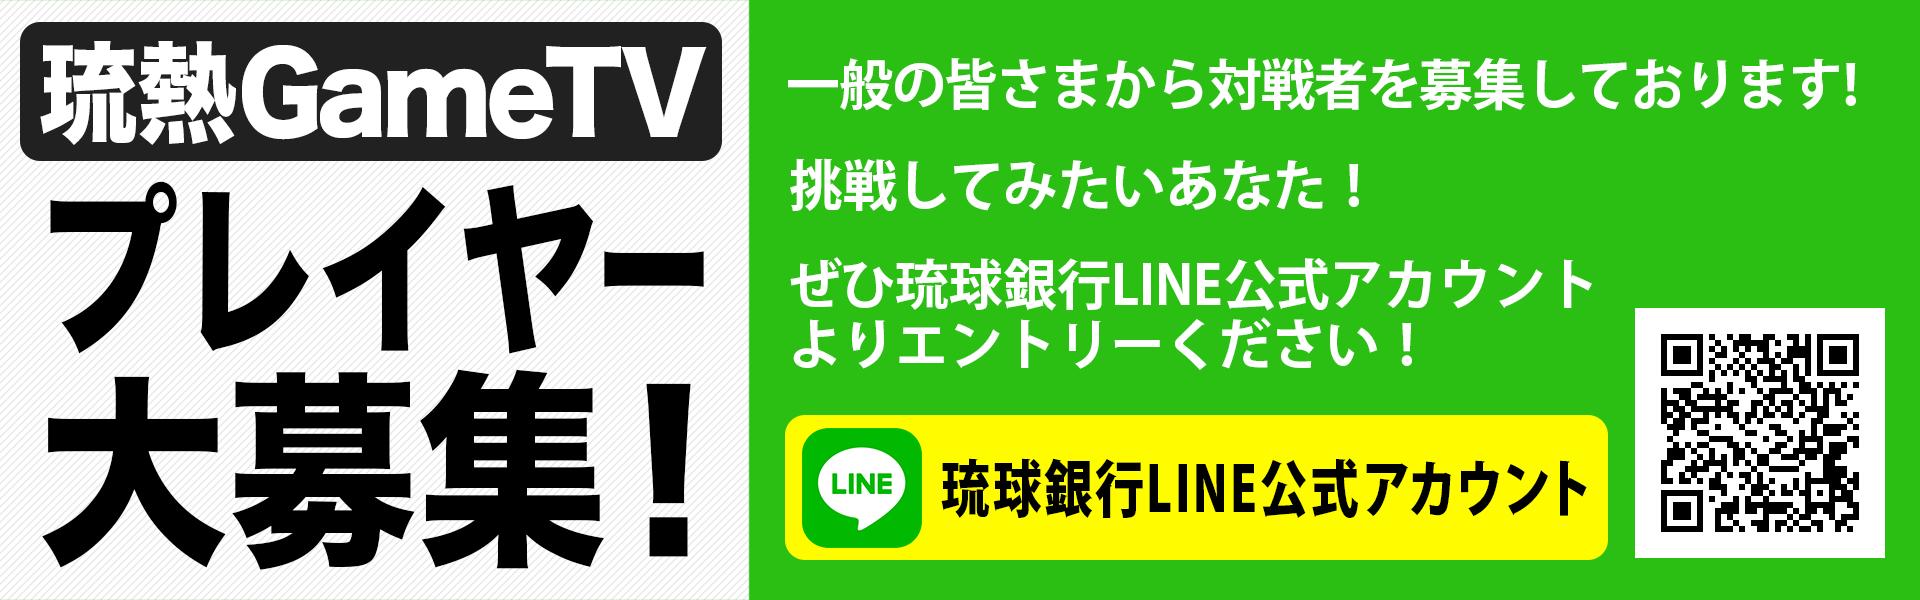 琉熱GameTV プレイヤー大募集!